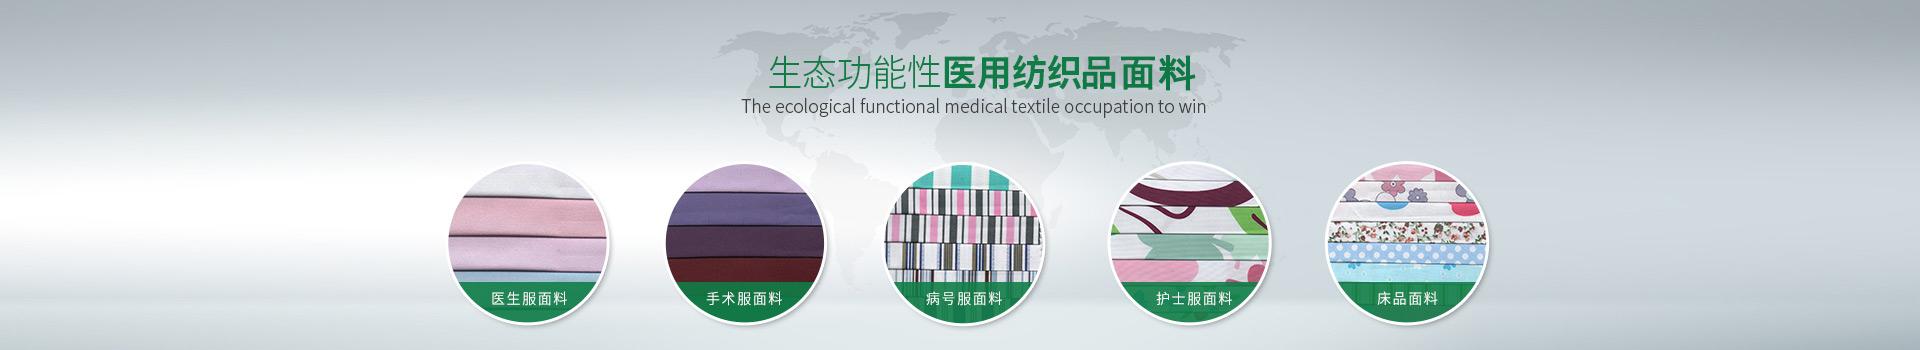 生态功能性医用纺织品